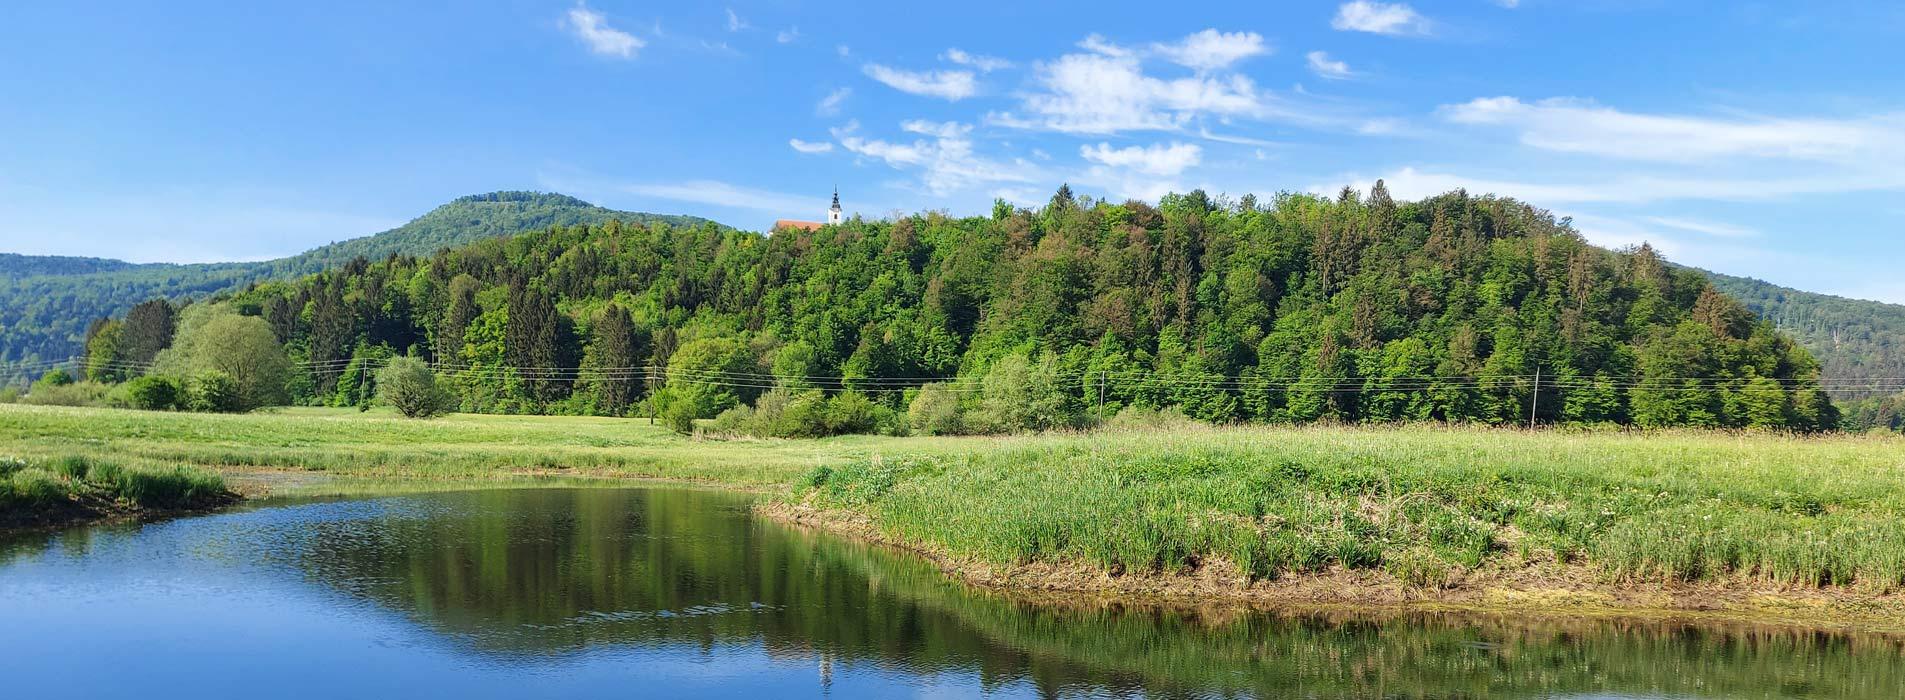 Radensko Polje Landscape Park